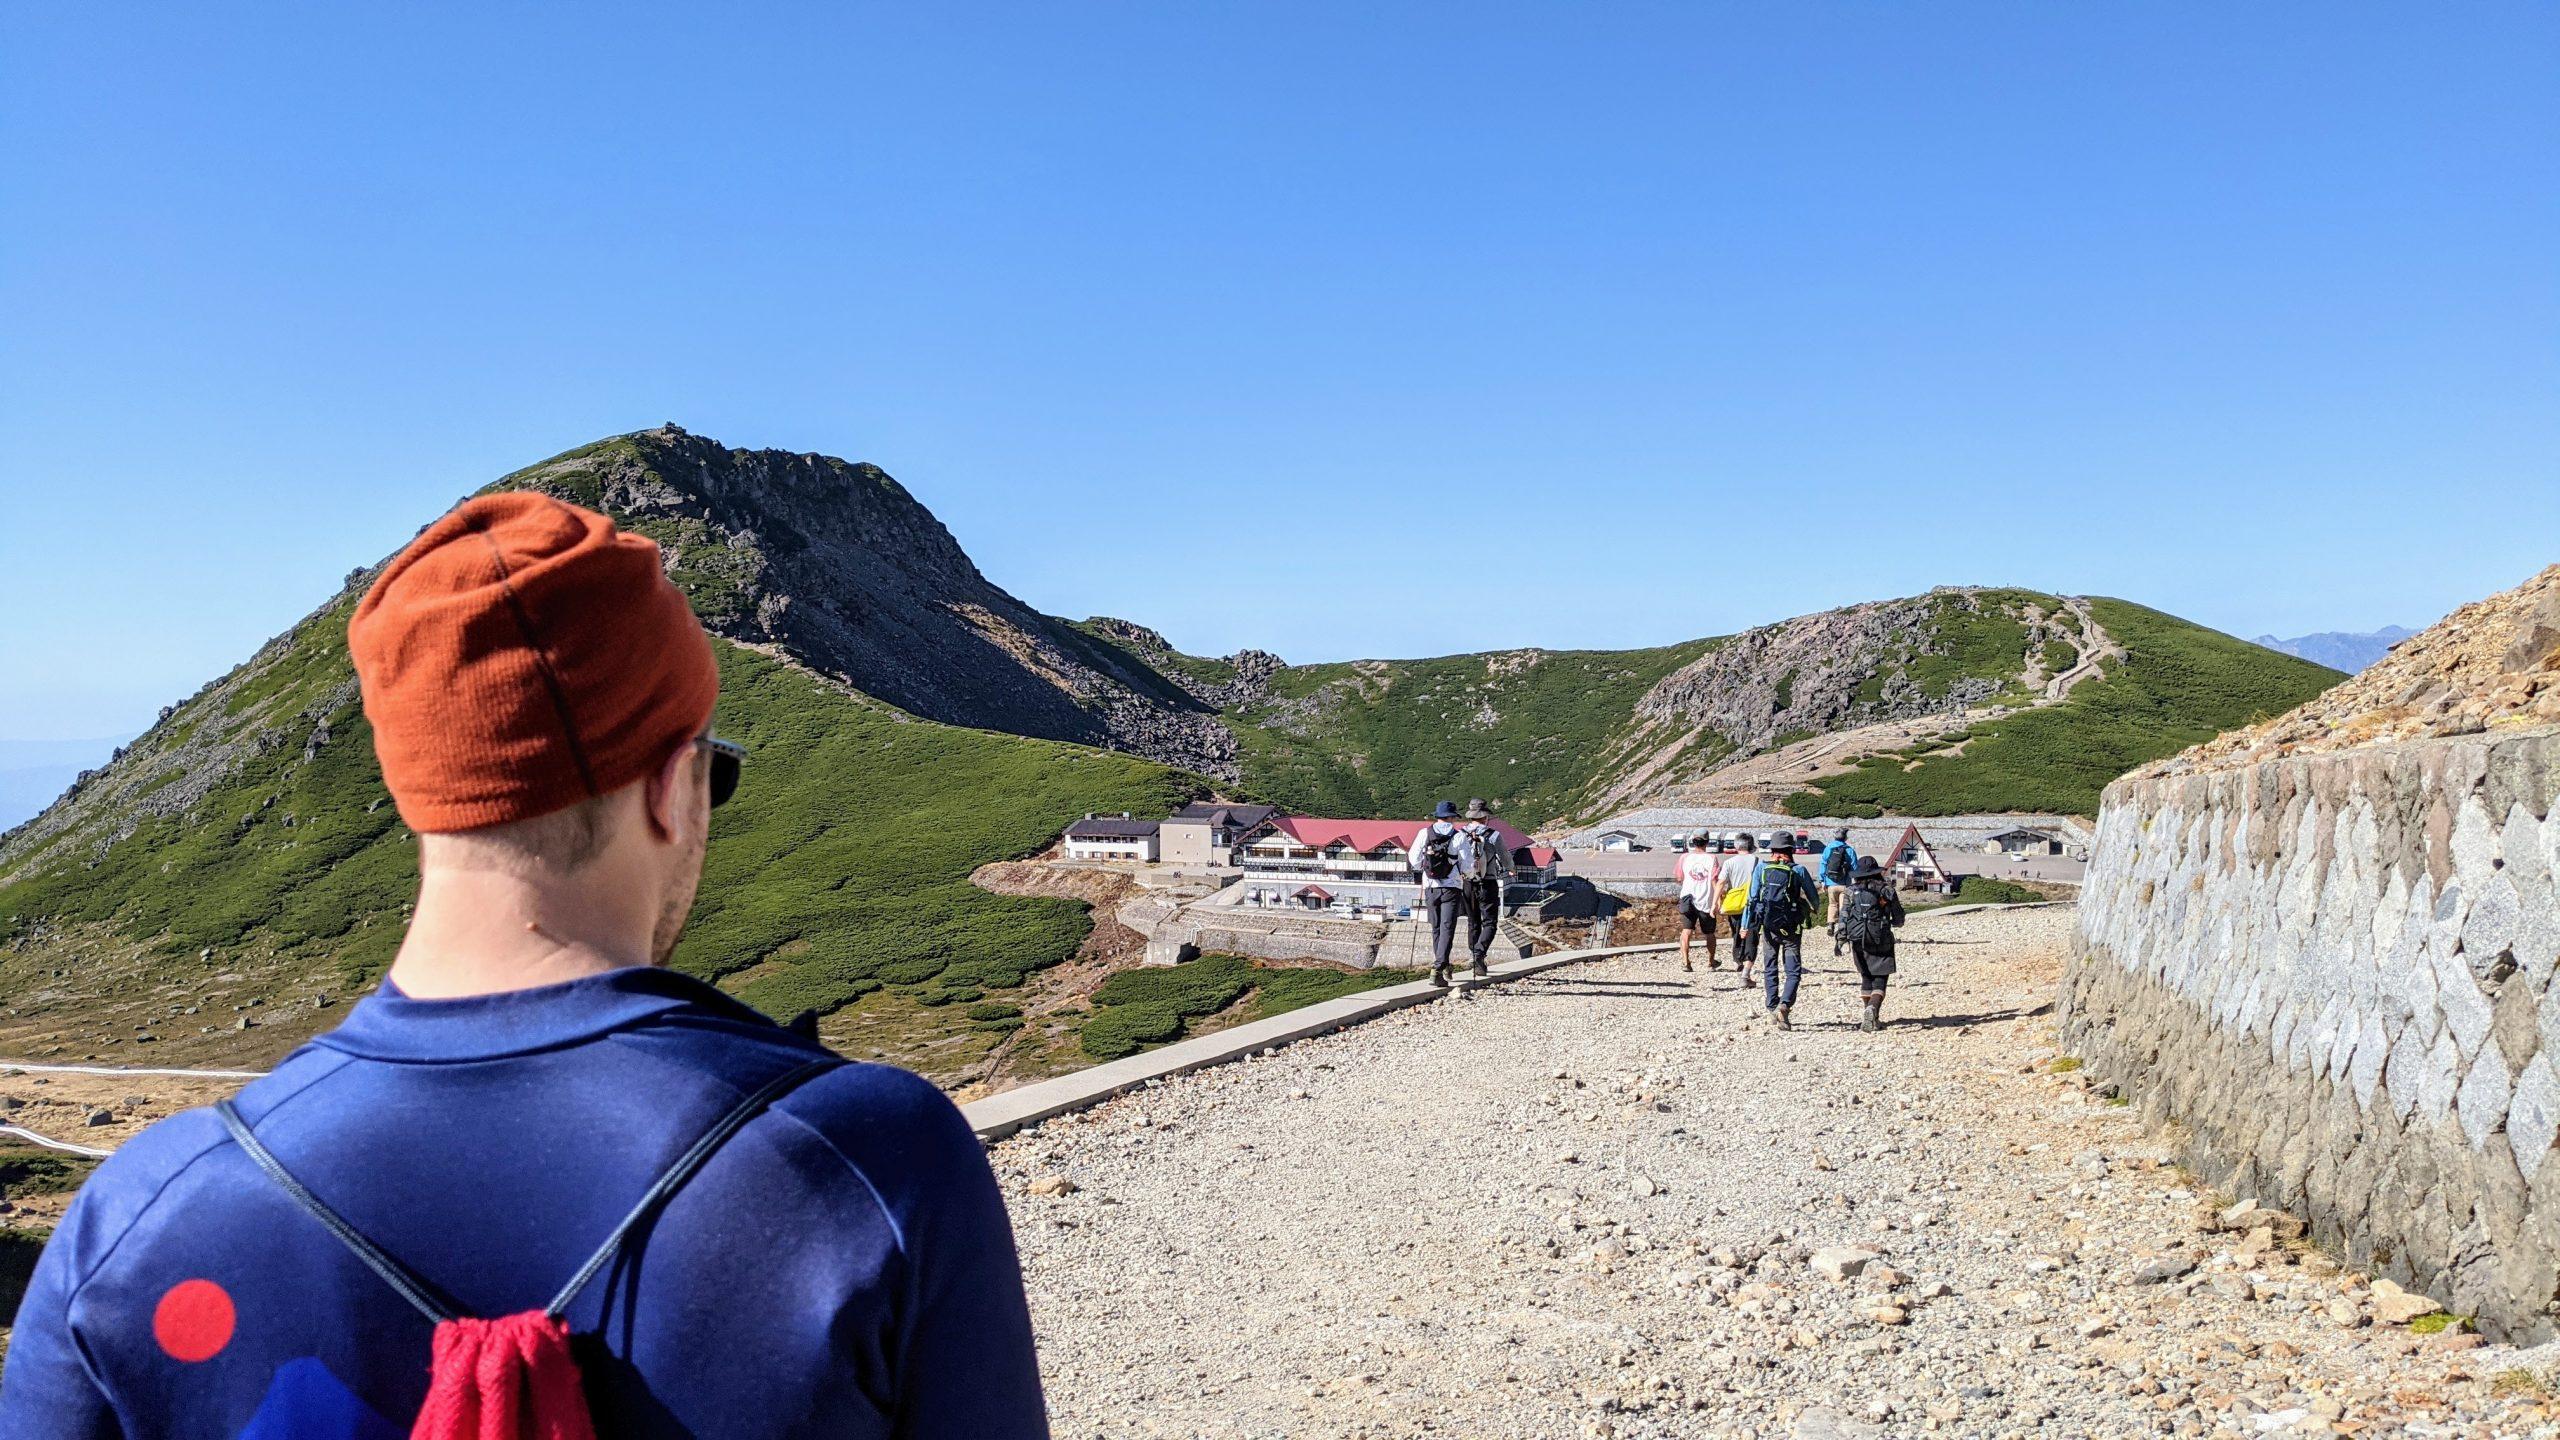 Norikura-dake hike to the summit